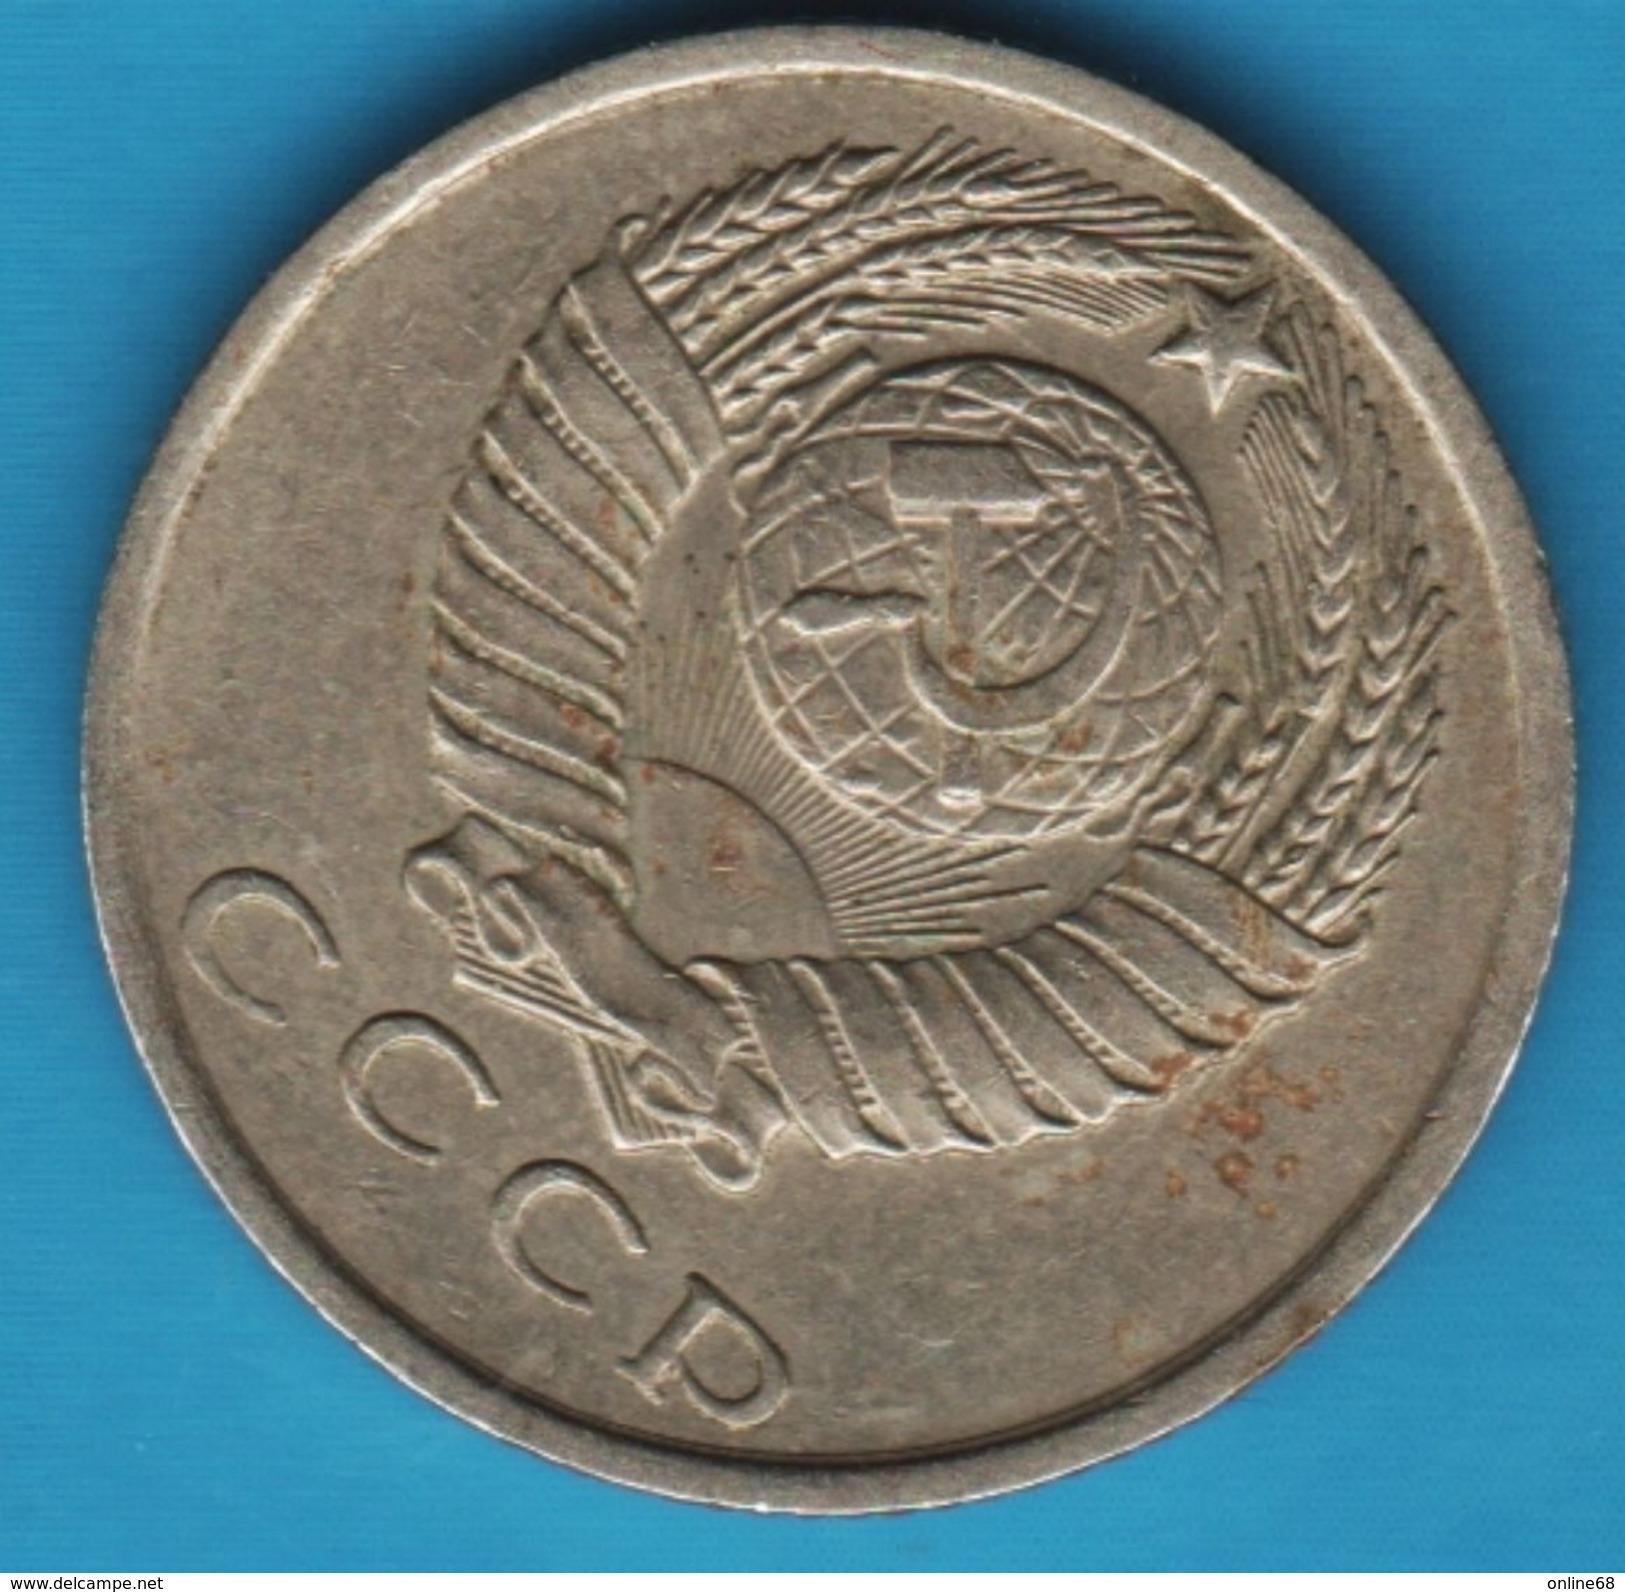 RUSSIA CCCP 15 KOPECKS 1962  Y# 131 - Rusia